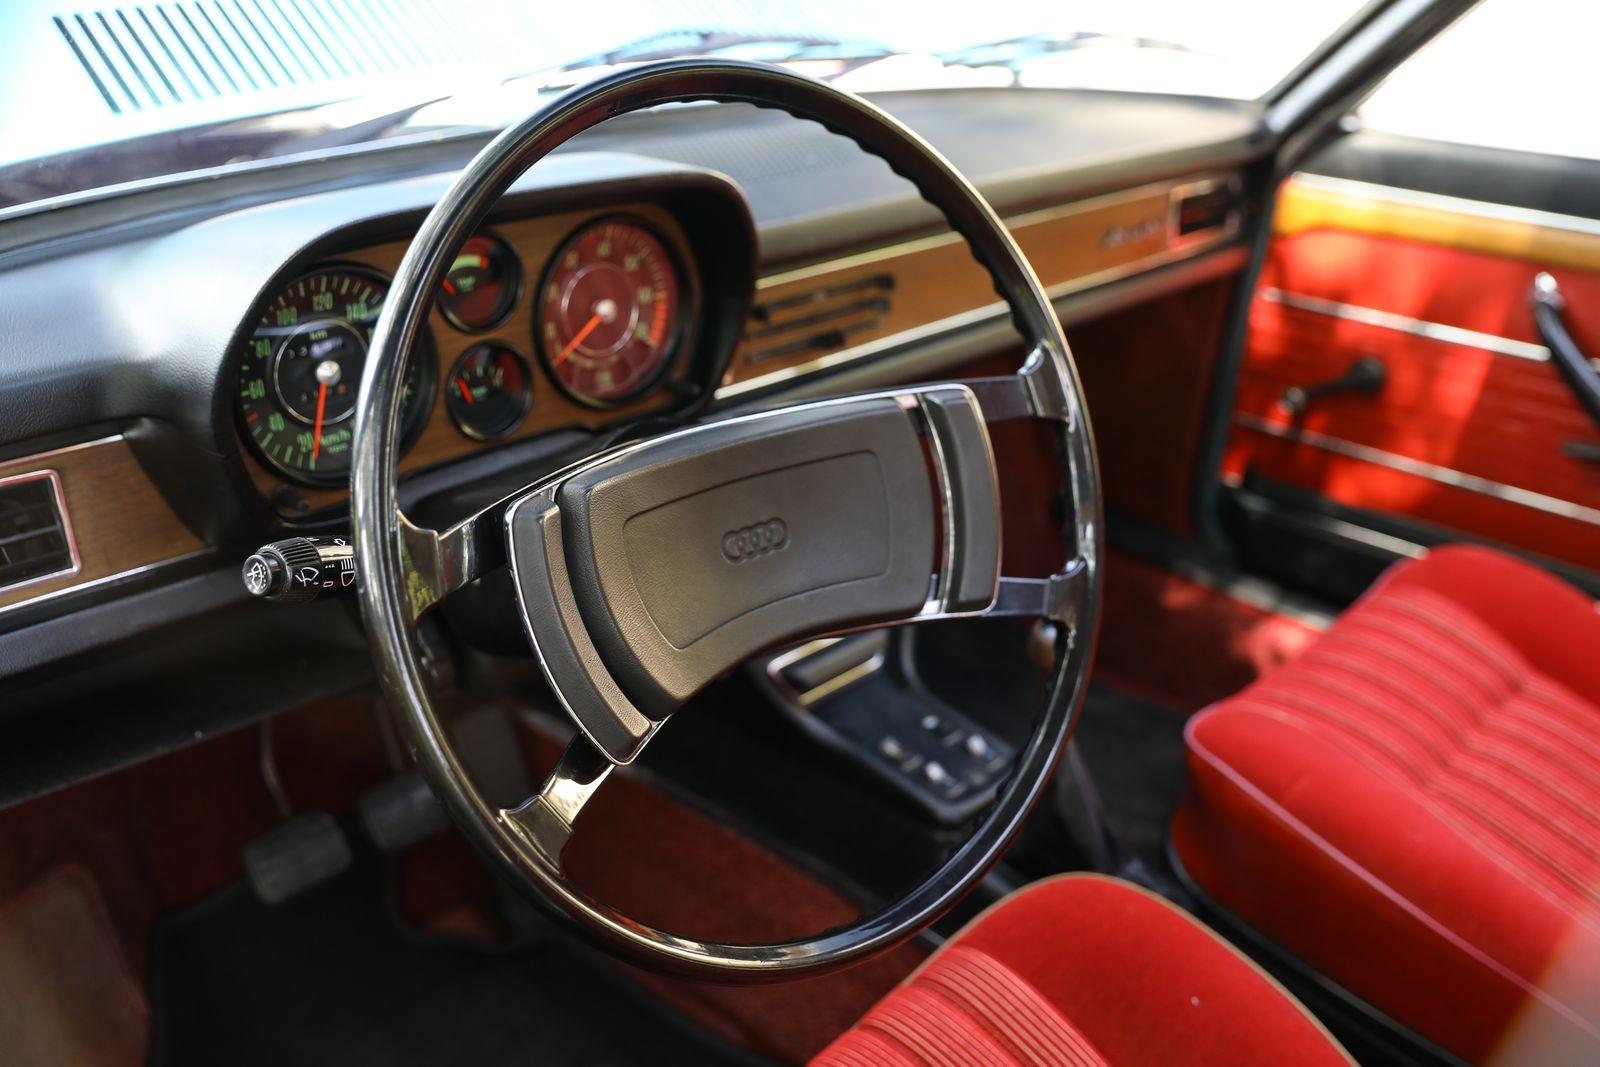 Эссенский трофей: тест-драйв Audi-100 Coupe S 1974 года